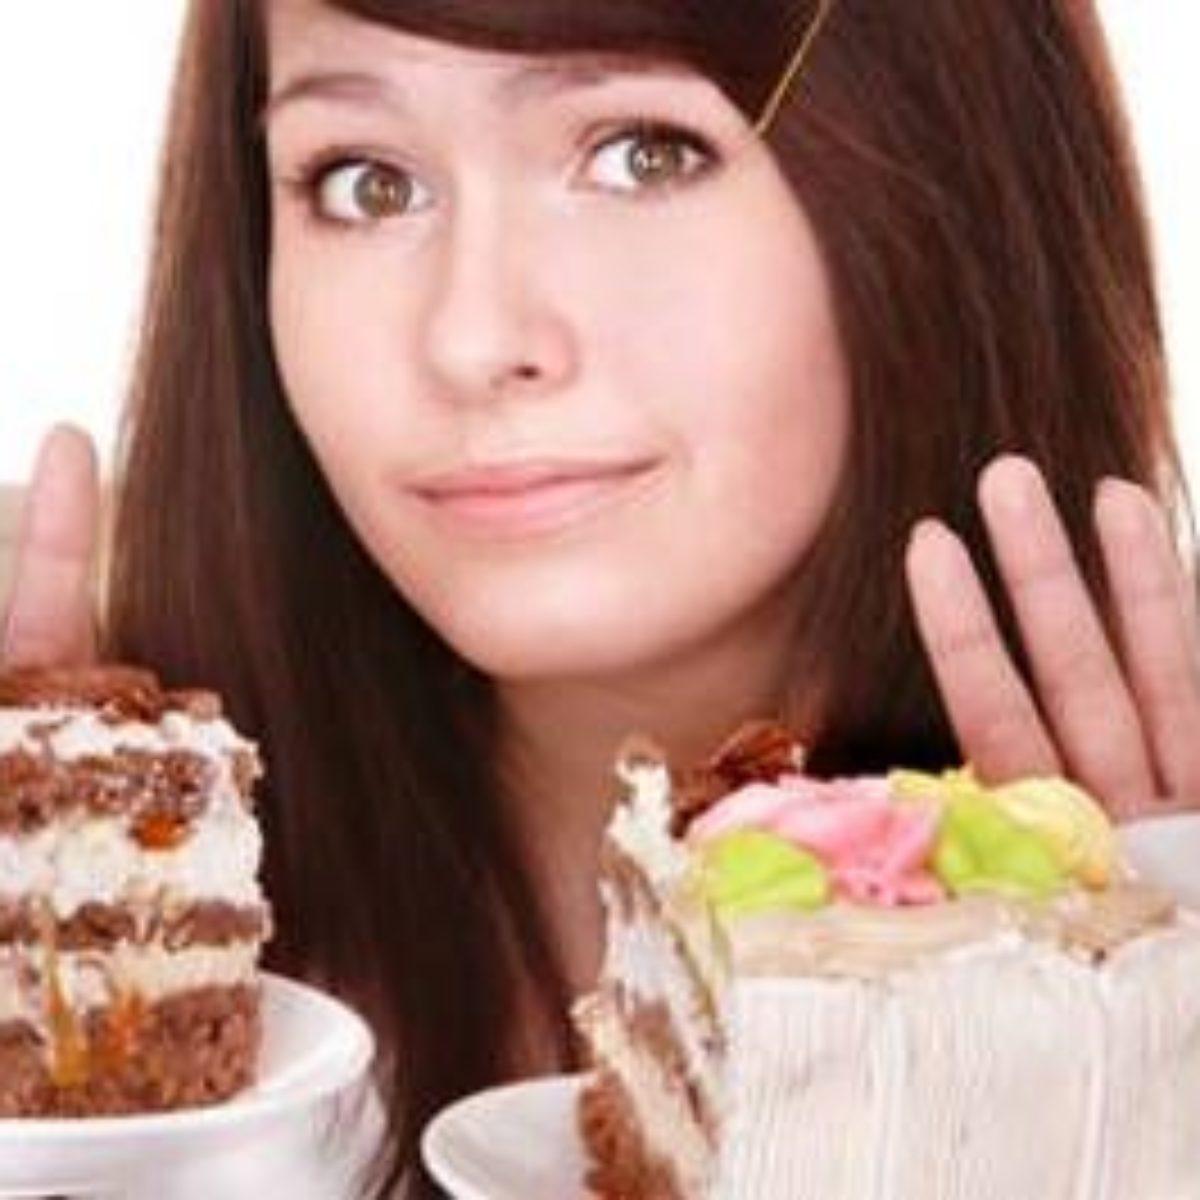 perdere peso senza mangiare cibi lavorati